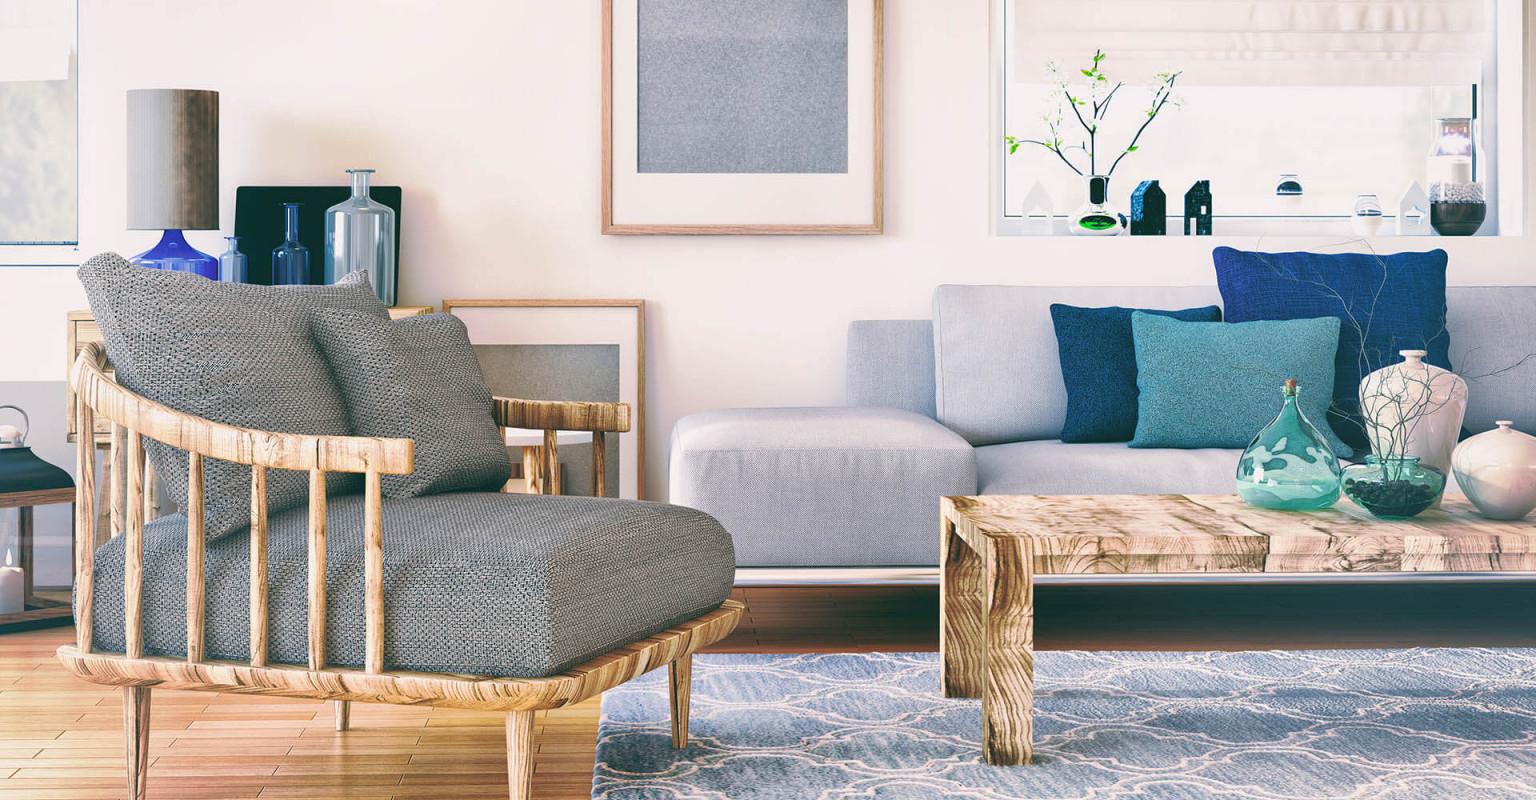 Wohnzimmer Gemütlich Einrichten  8 Schnell Umsetzbare Tipps von Wohnzimmer Warm Einrichten Photo